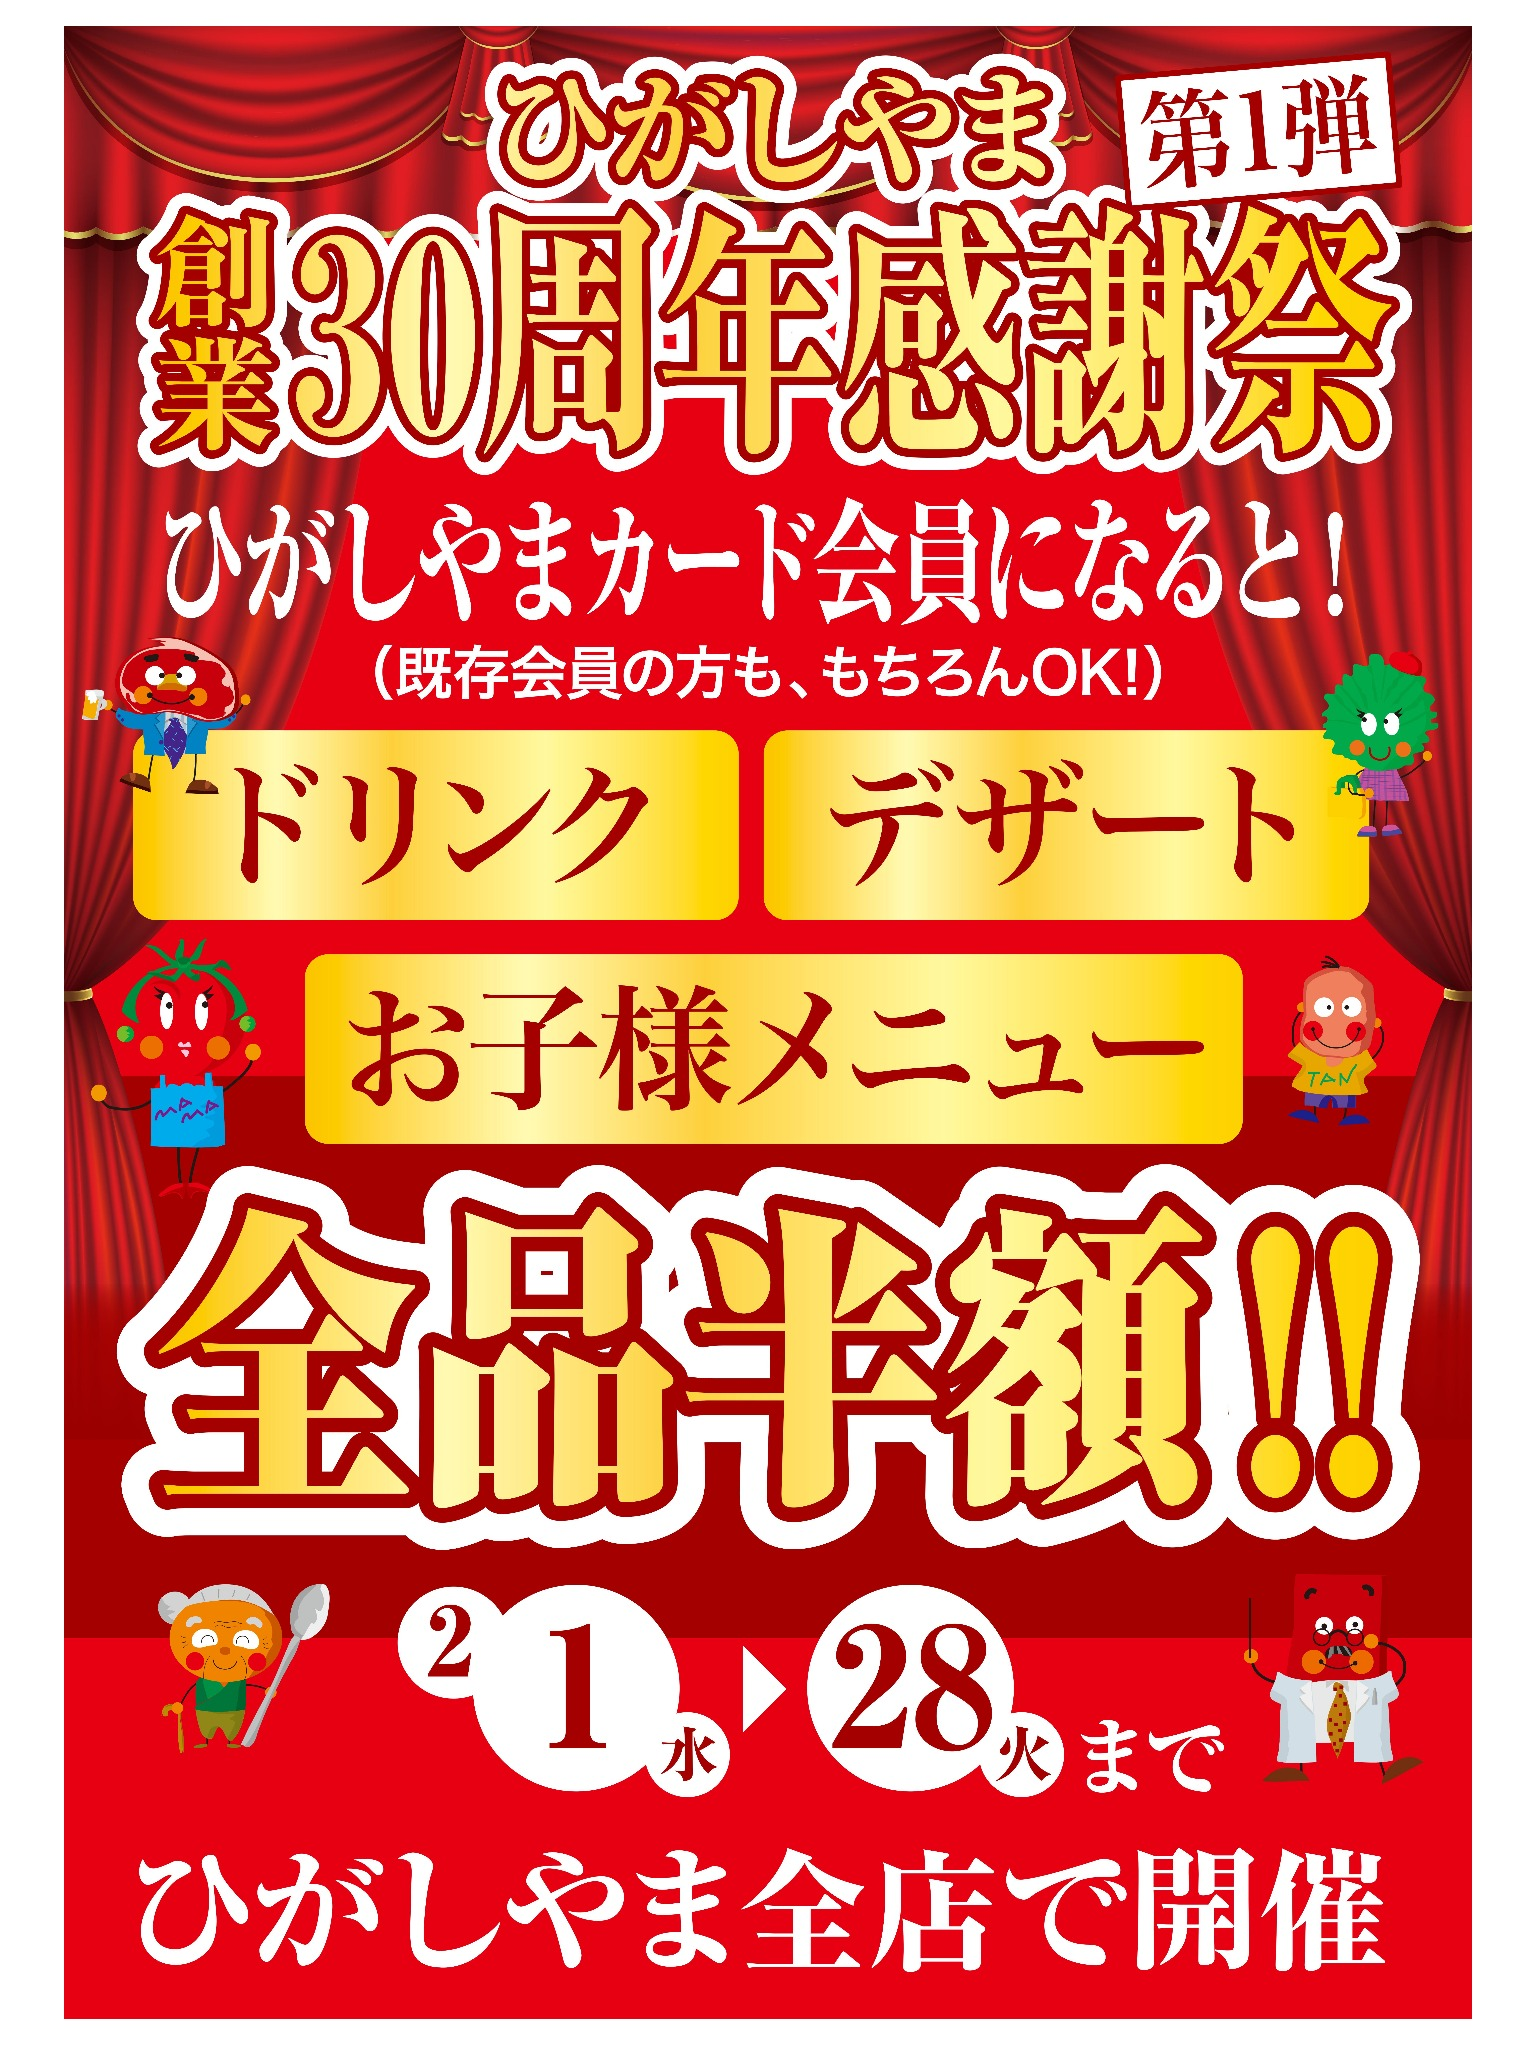 ひがしやま創業30周年感謝祭